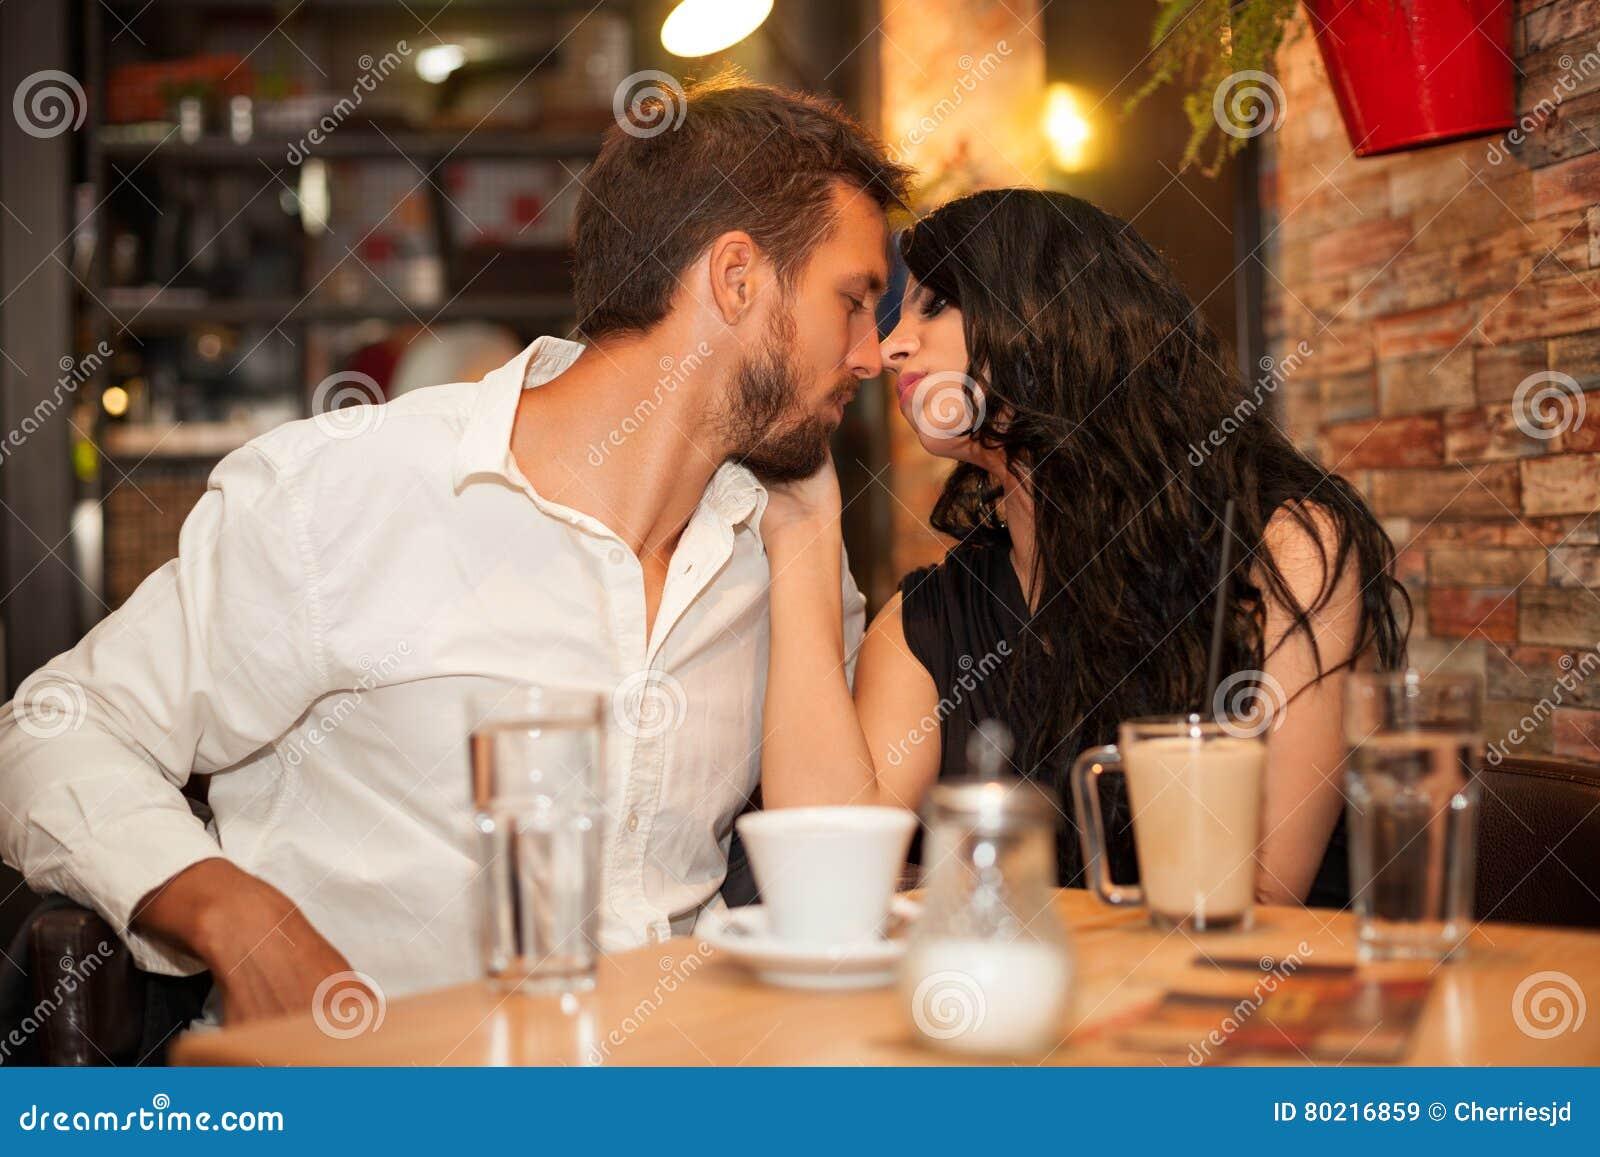 är du dating eller bara vänner fråge sport